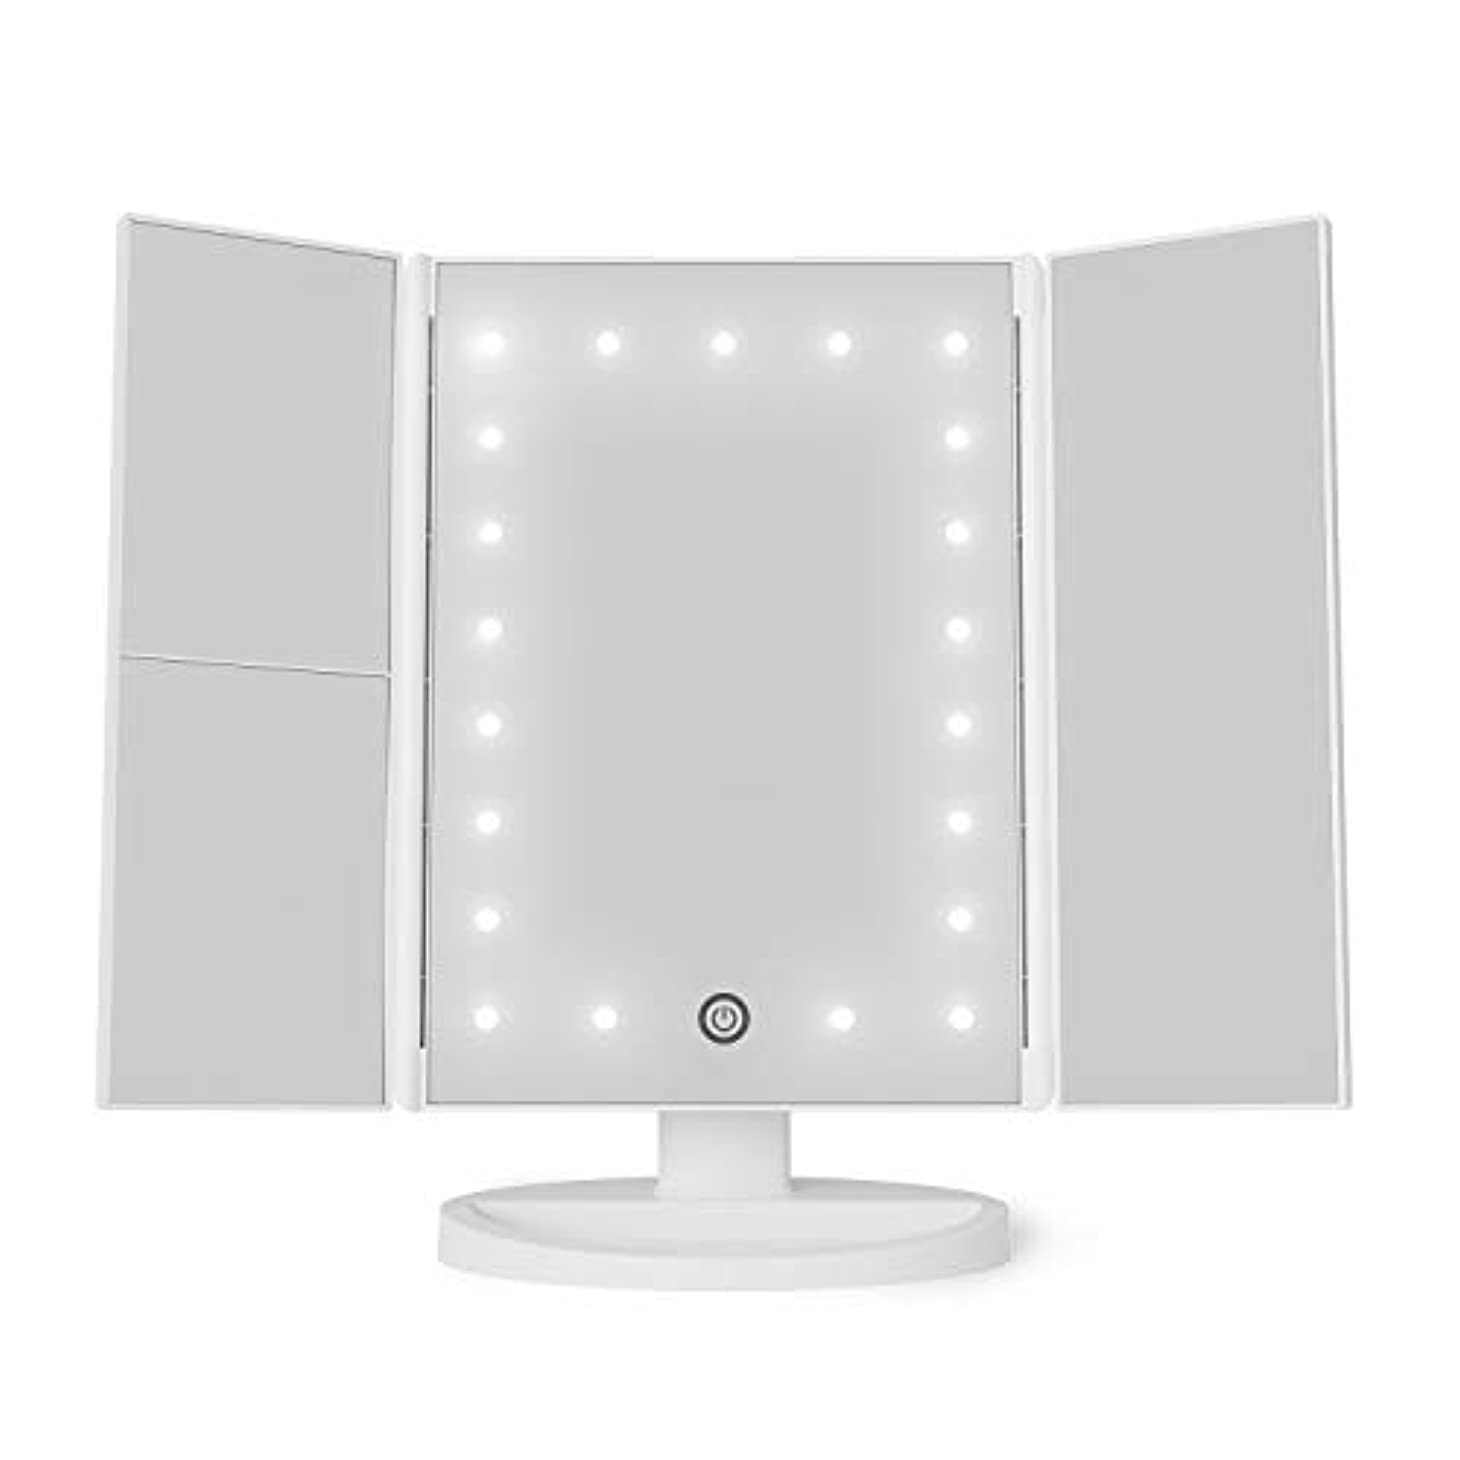 滑る経済的中毒PinkleStar 化粧鏡 化粧ミラー 鏡 三面鏡 女優ミラー 卓上 led付き 折りたたみ 拡大鏡 2&3倍 明るさ調節可能 180° 電池&USB (ホワイト)